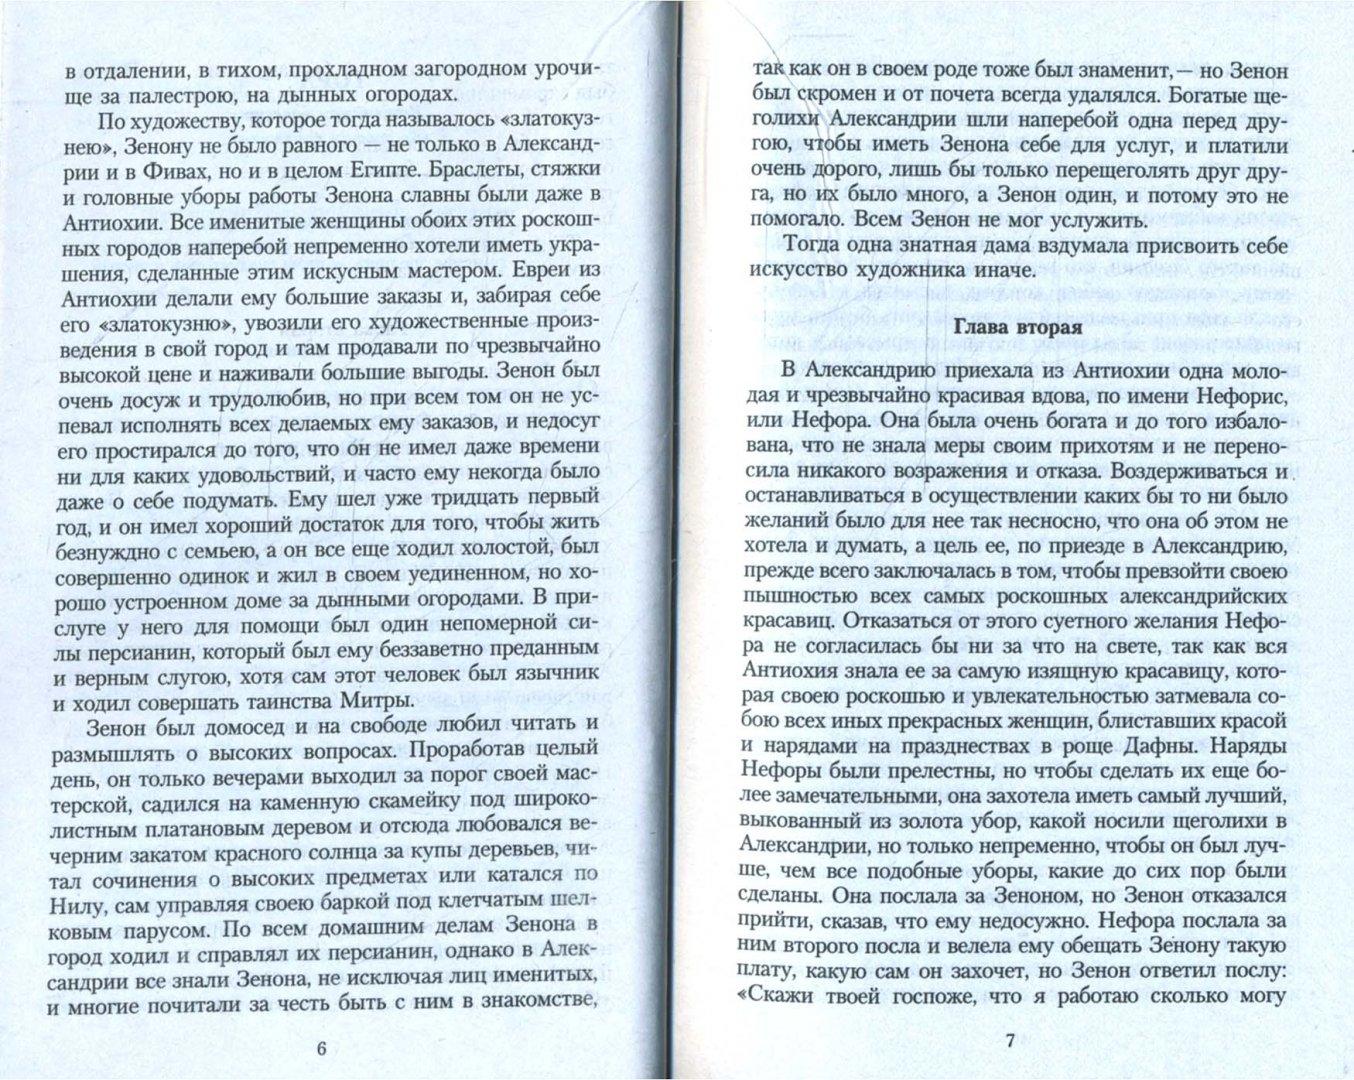 Иллюстрация 1 из 6 для Христианские легенды - Николай Лесков   Лабиринт - книги. Источник: Лабиринт